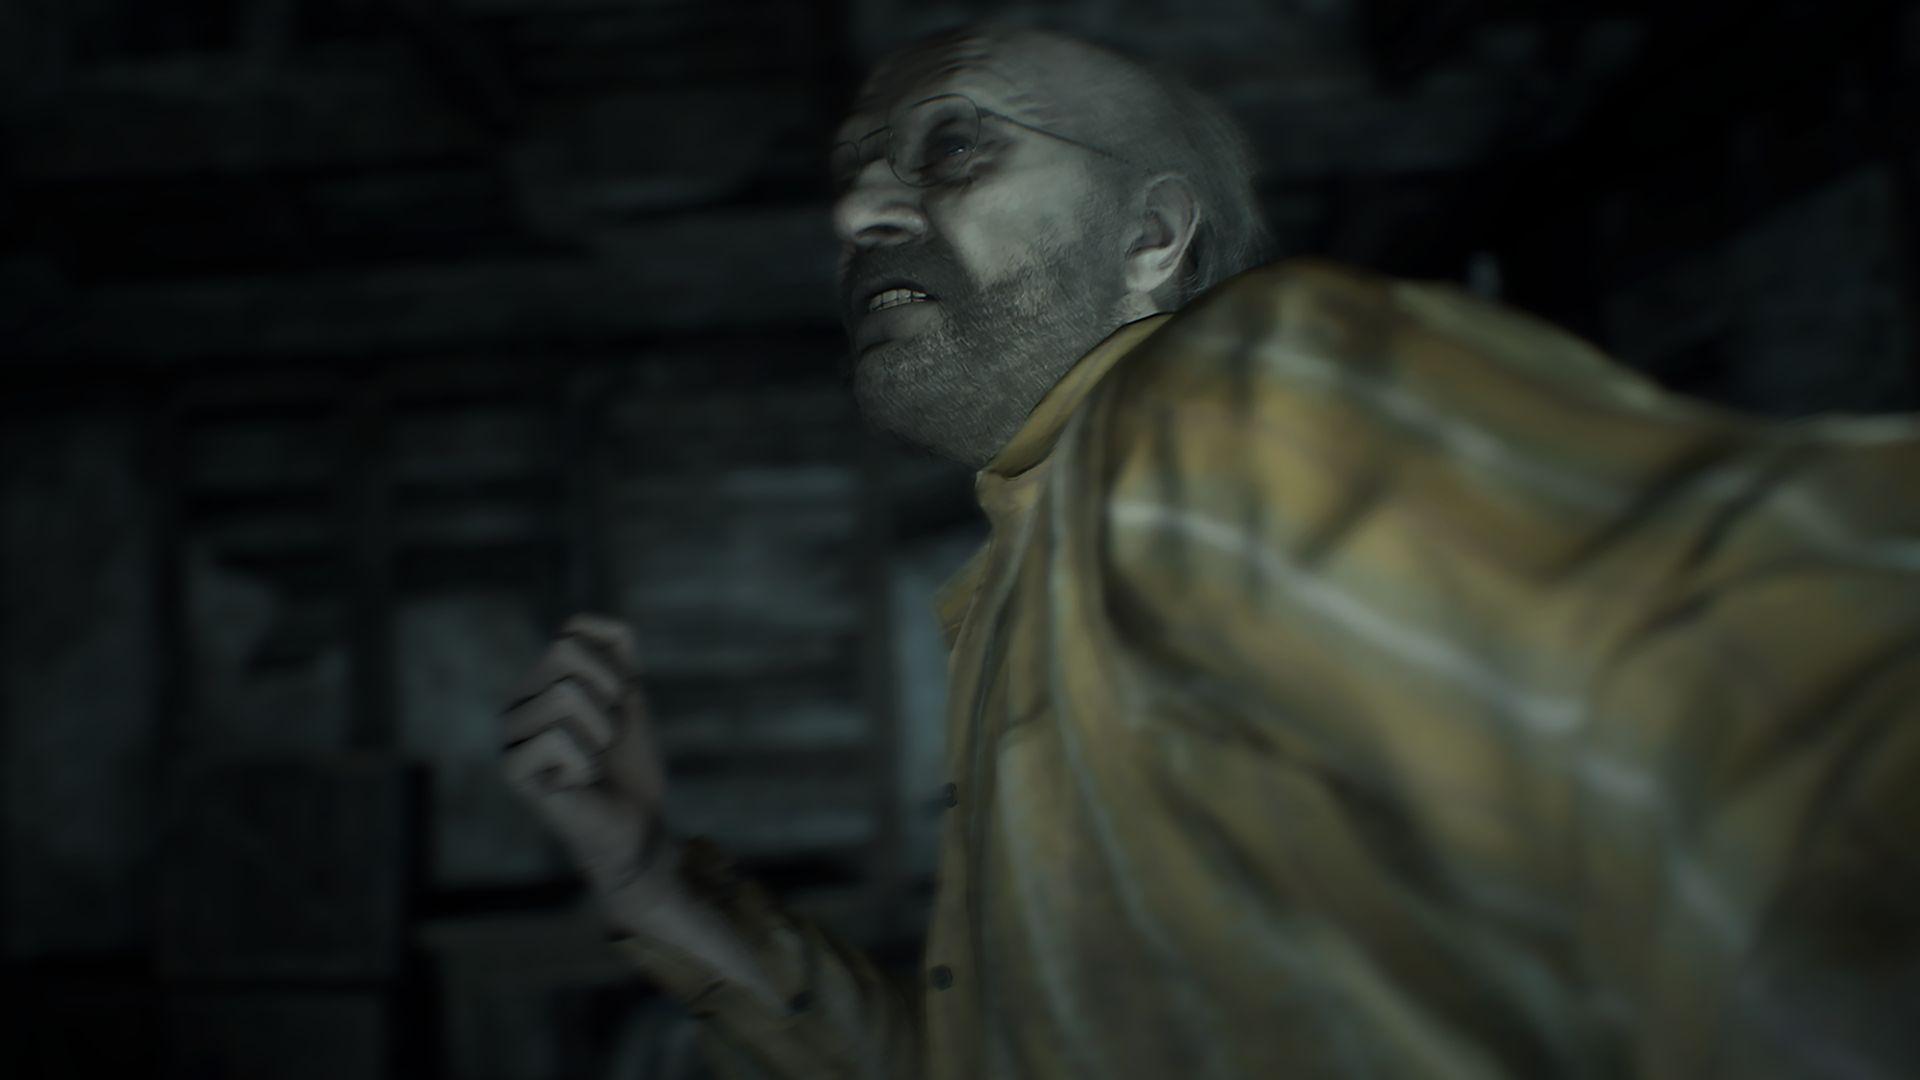 resident evil 7 biohazard vr trailer